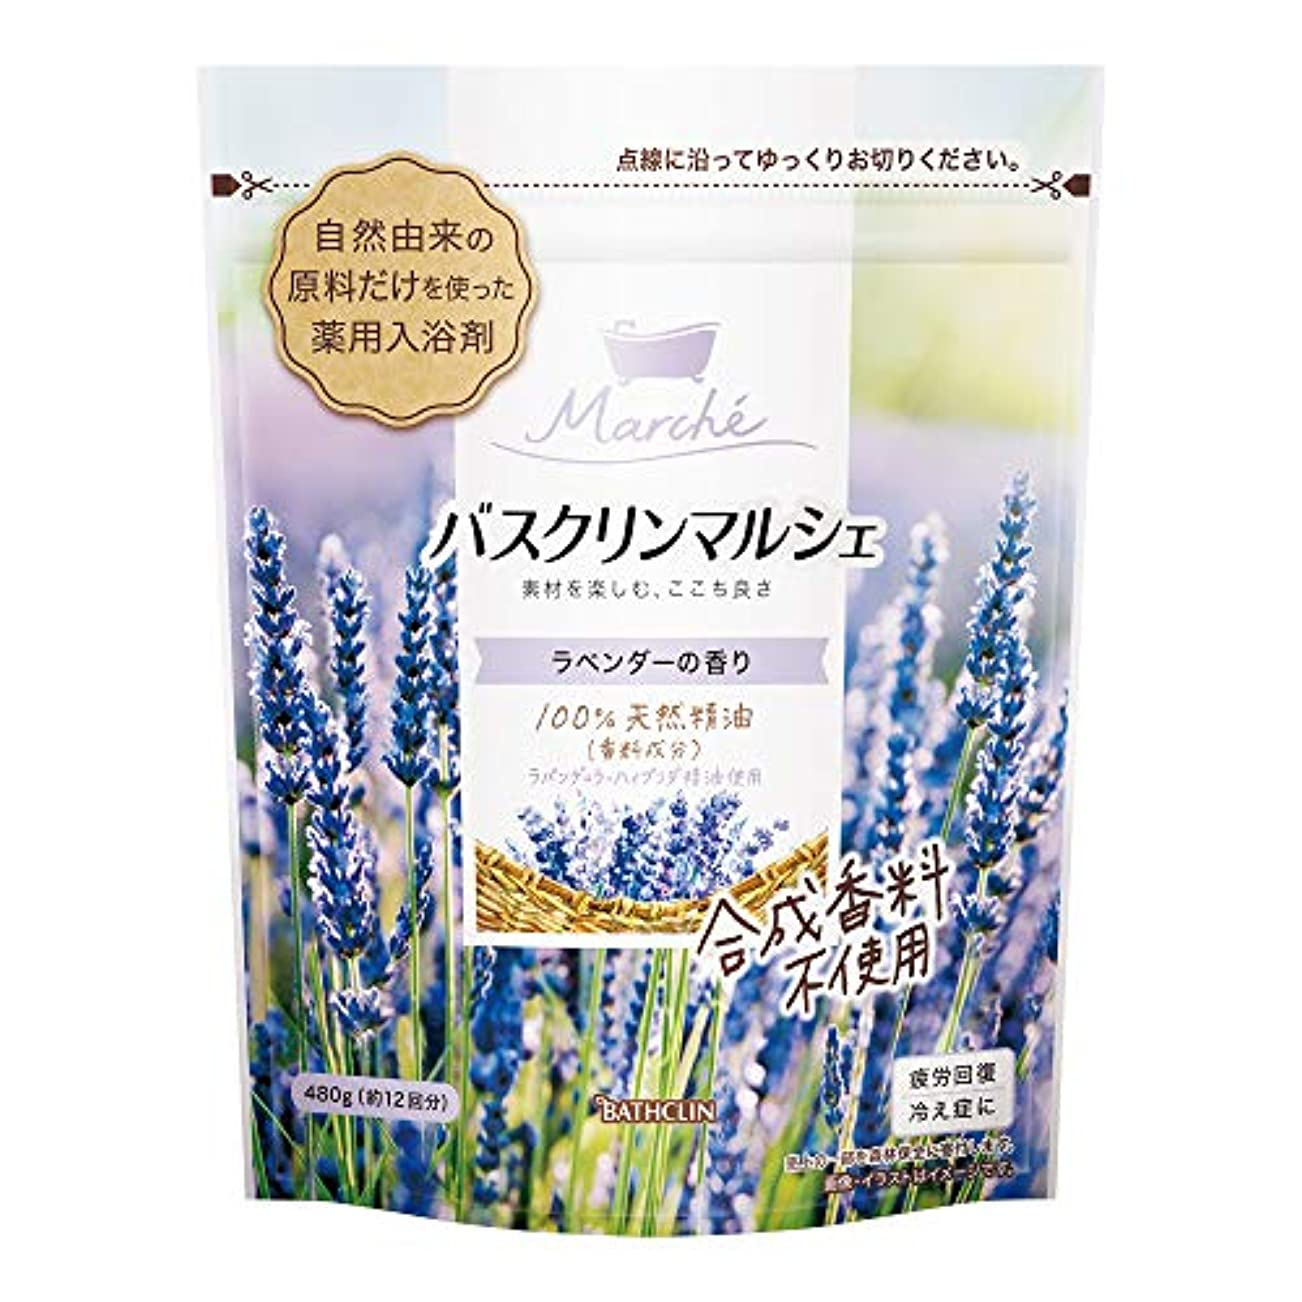 敷居料理をする冊子バスクリンマルシェラベンダーの香り 入浴剤 そよ風に揺れる花を想わせるラベンダーの香りの入浴剤 480g